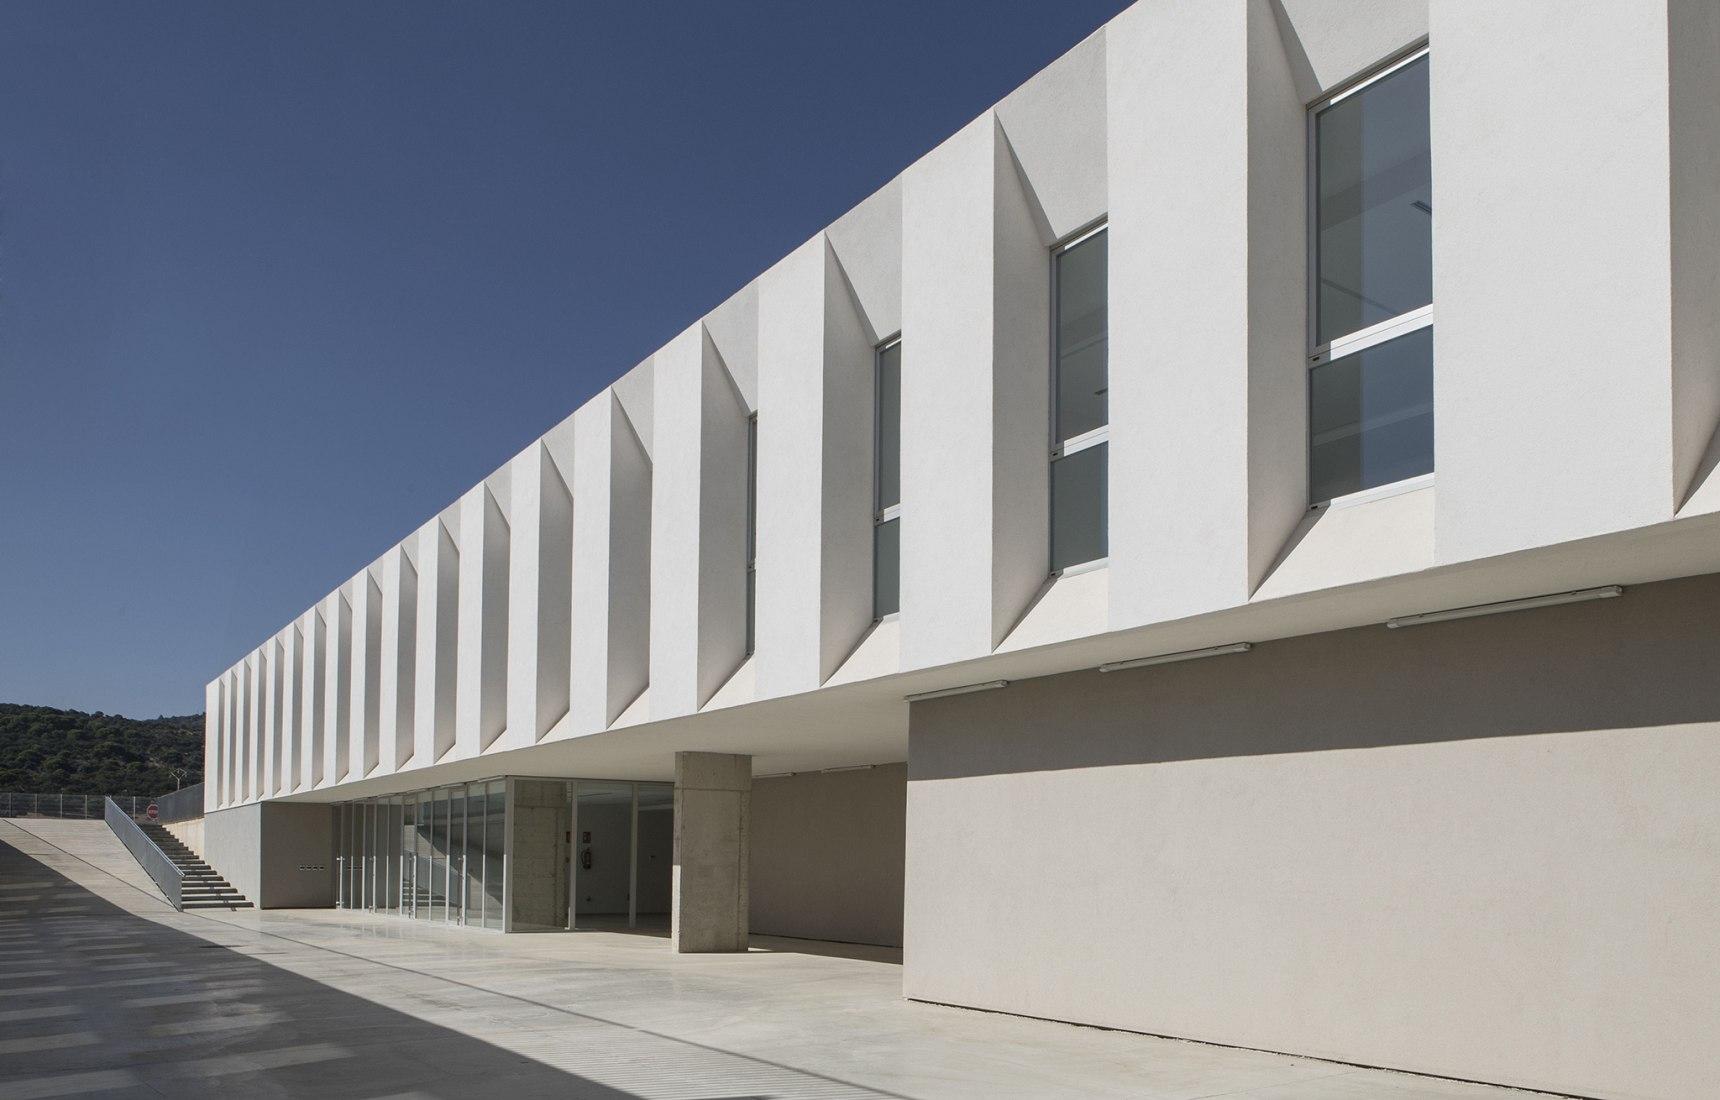 La bioincubadora por DUNAR arquitectos + Arquitectura Campos Alcaide. Fotografía por RN Fotógrafos / Nicolás Yazigi.